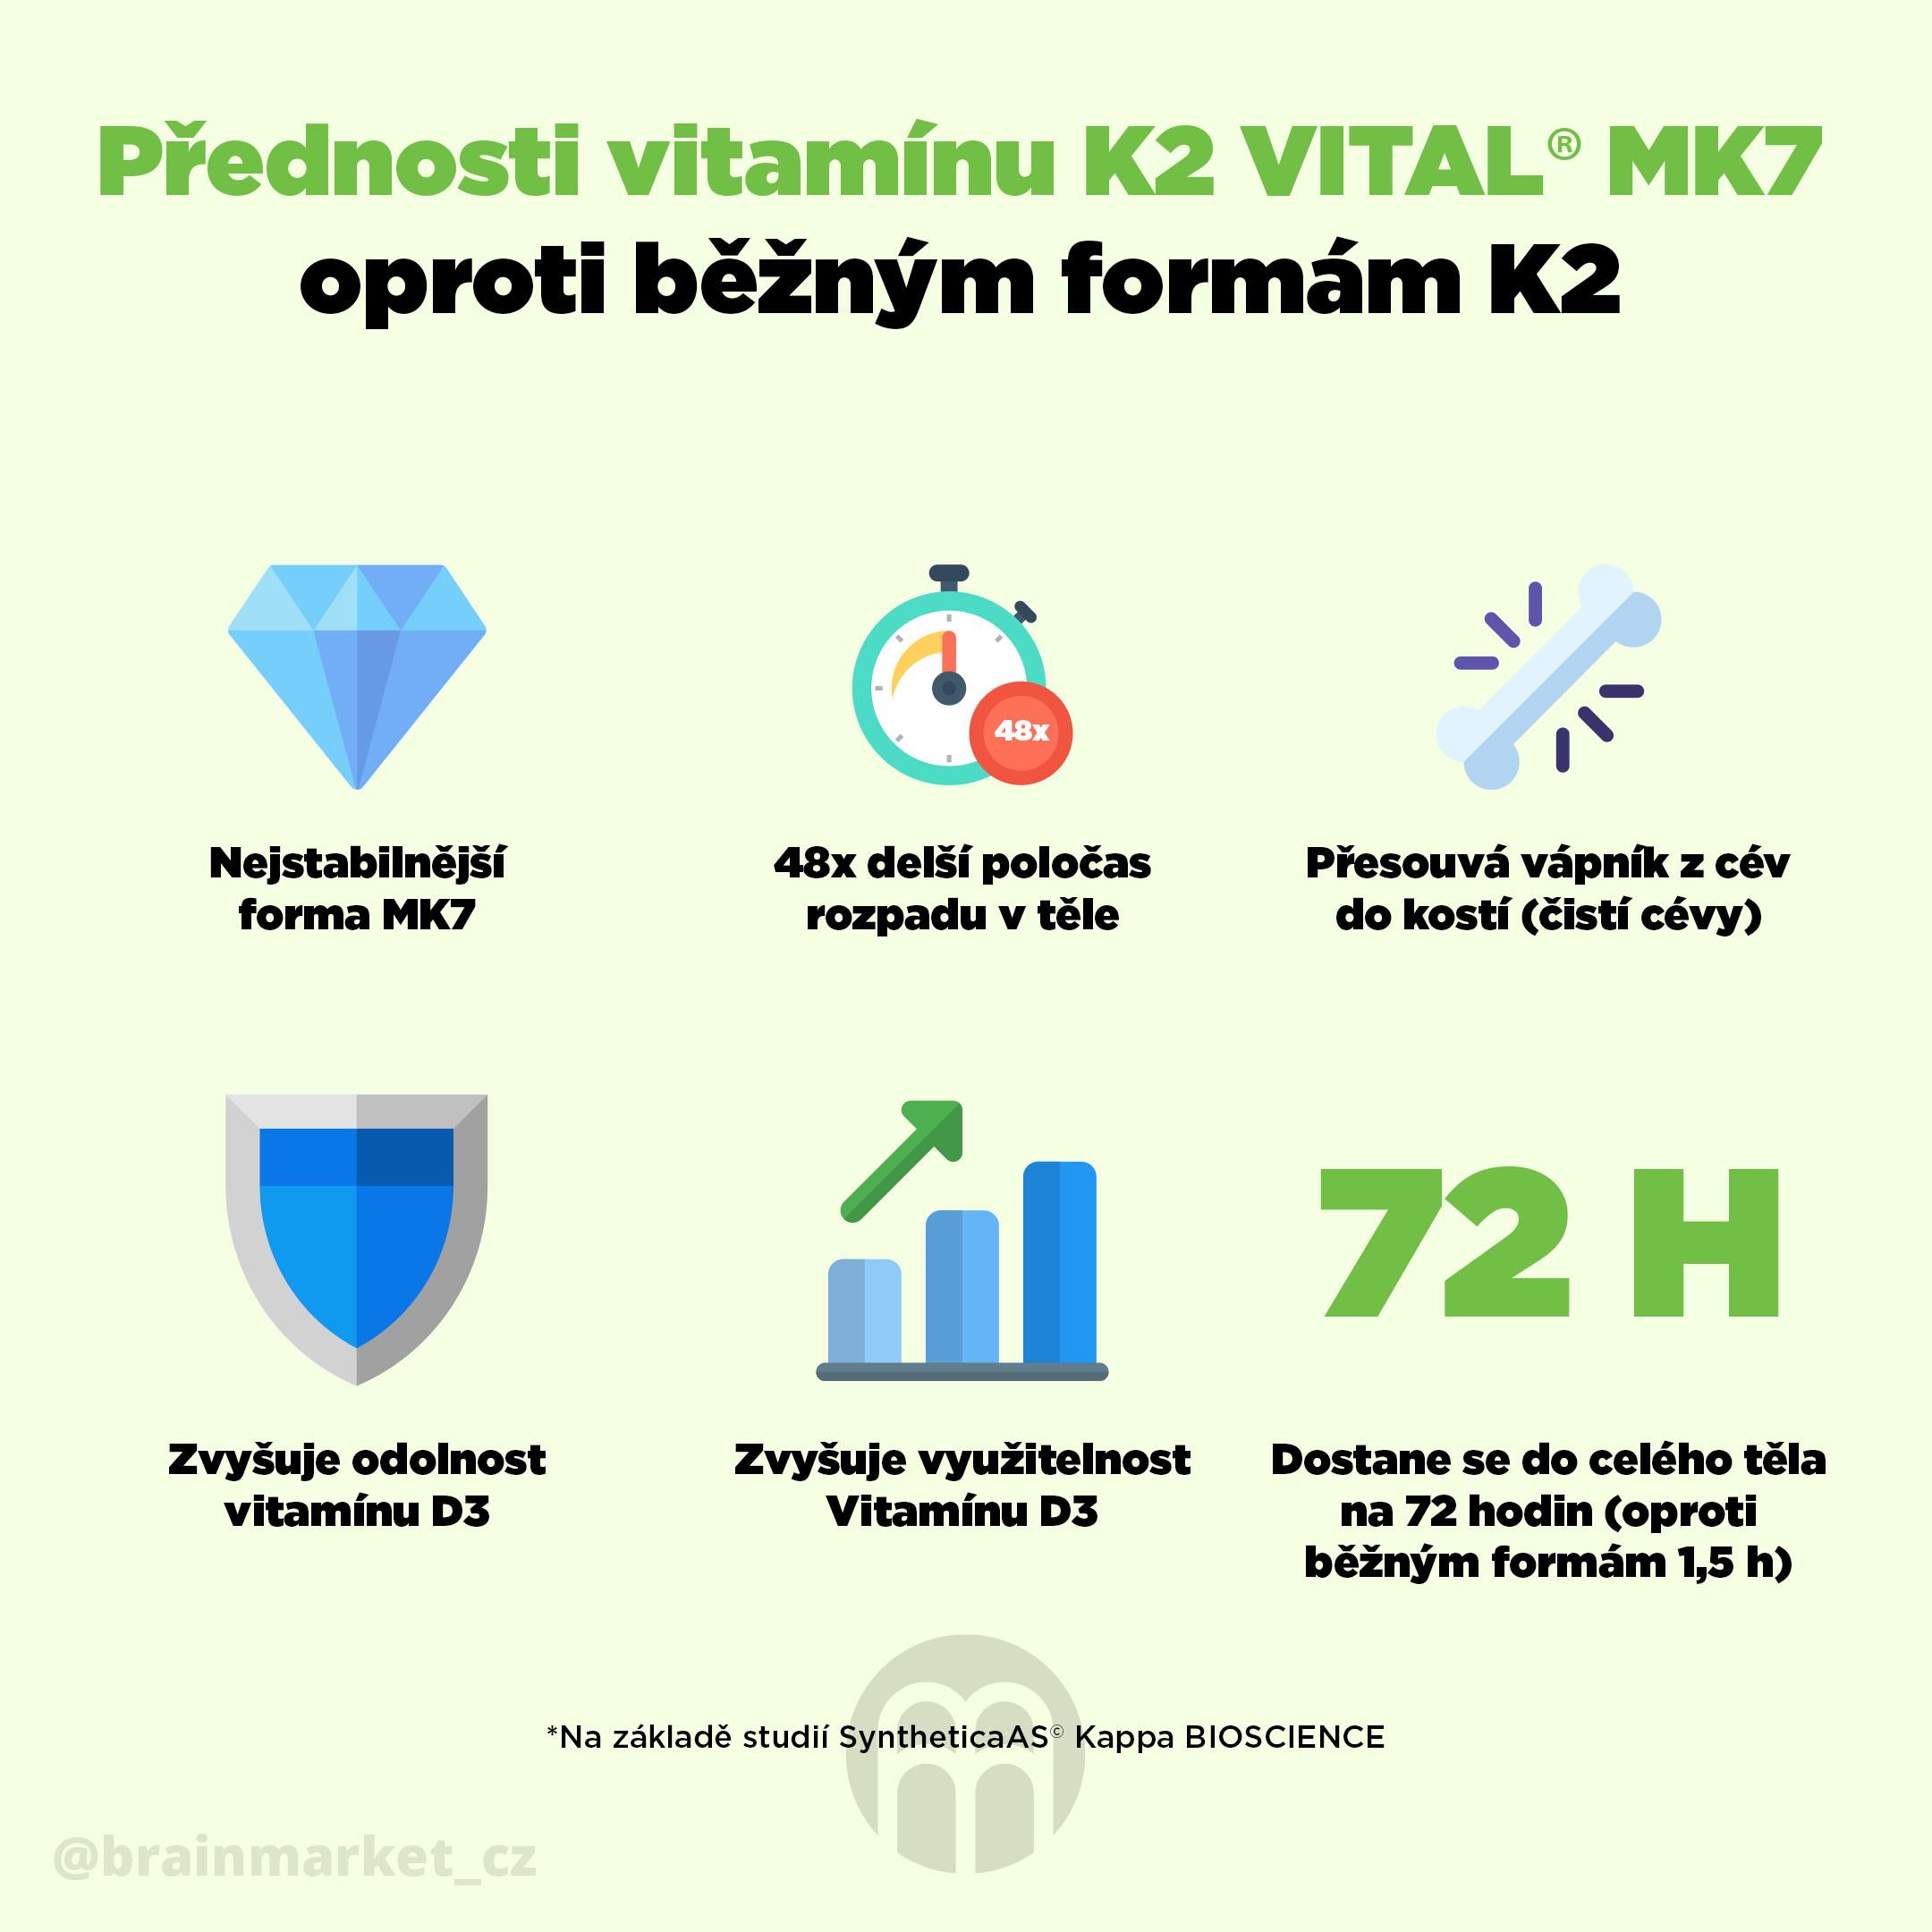 prednosti vitaminu K2 vital MK7 infografika brainmarket CZ.jpg